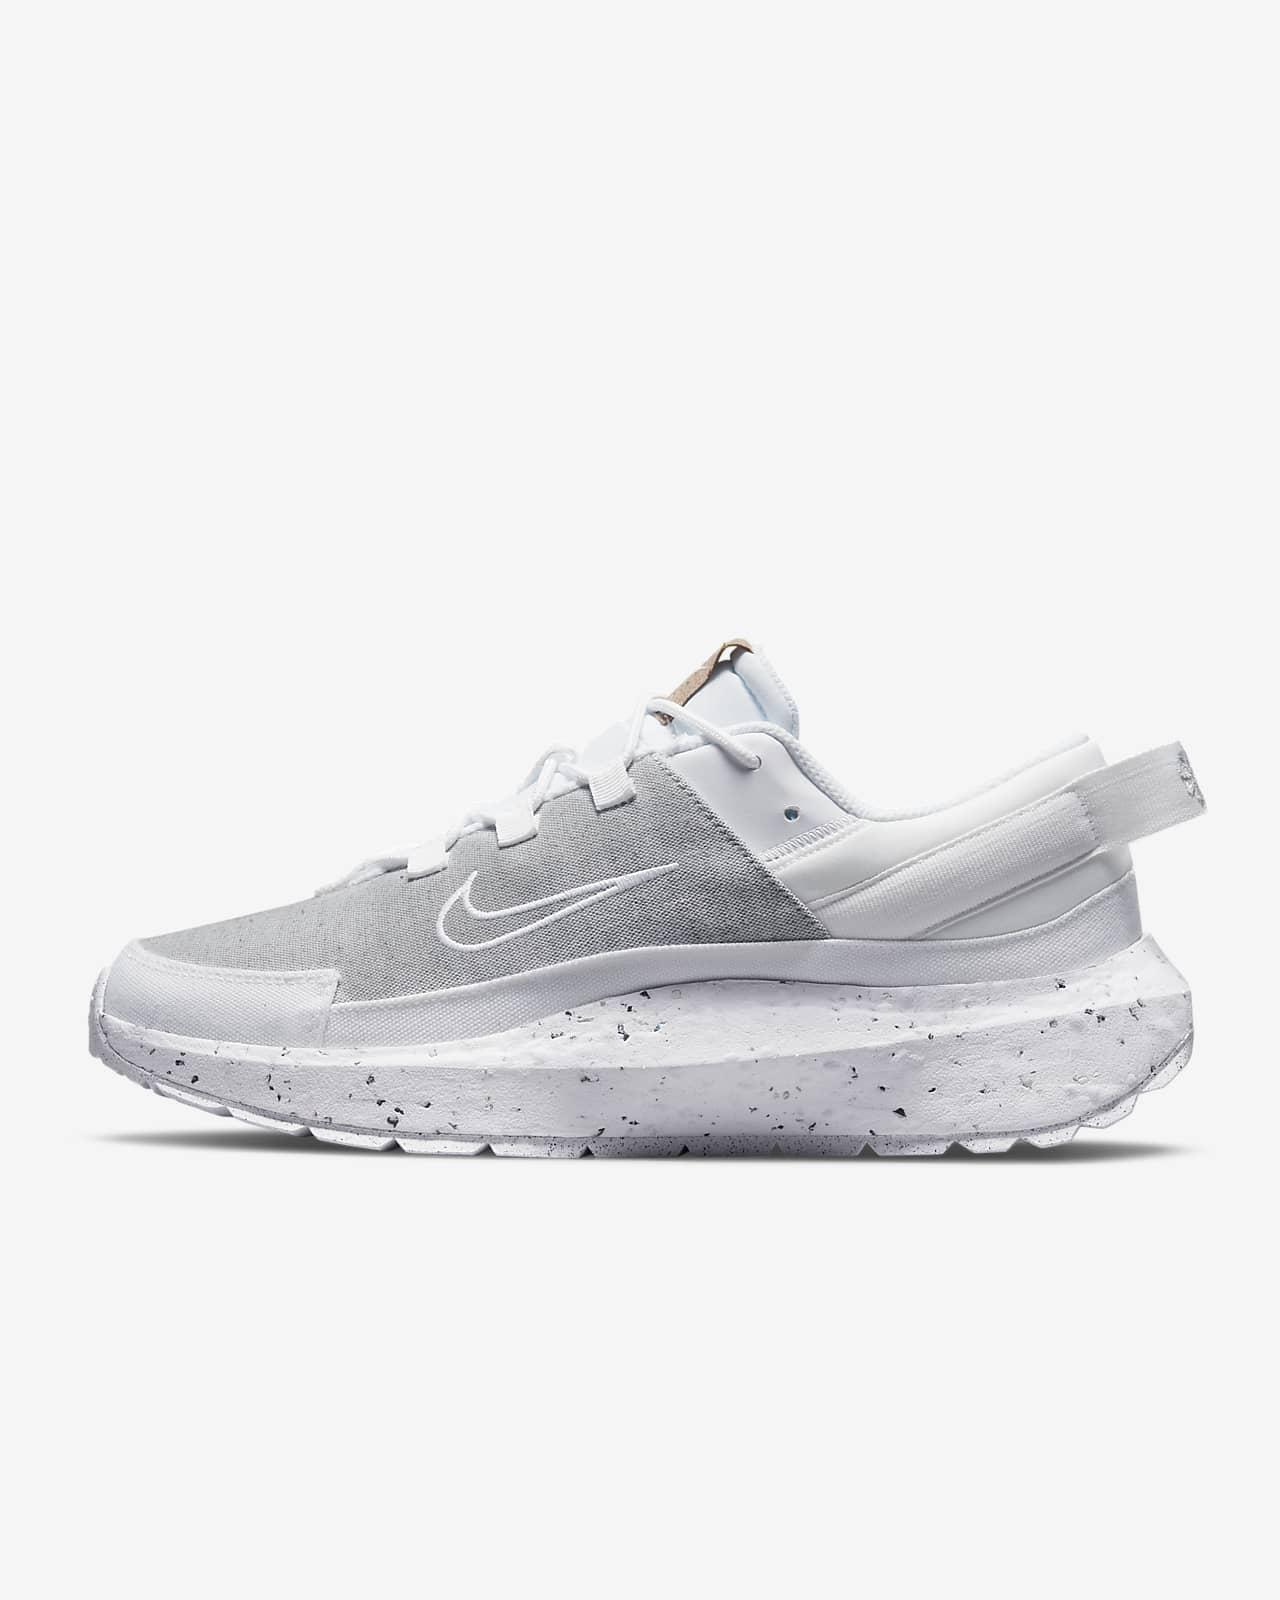 Nike Crater Remixa Women's Shoe